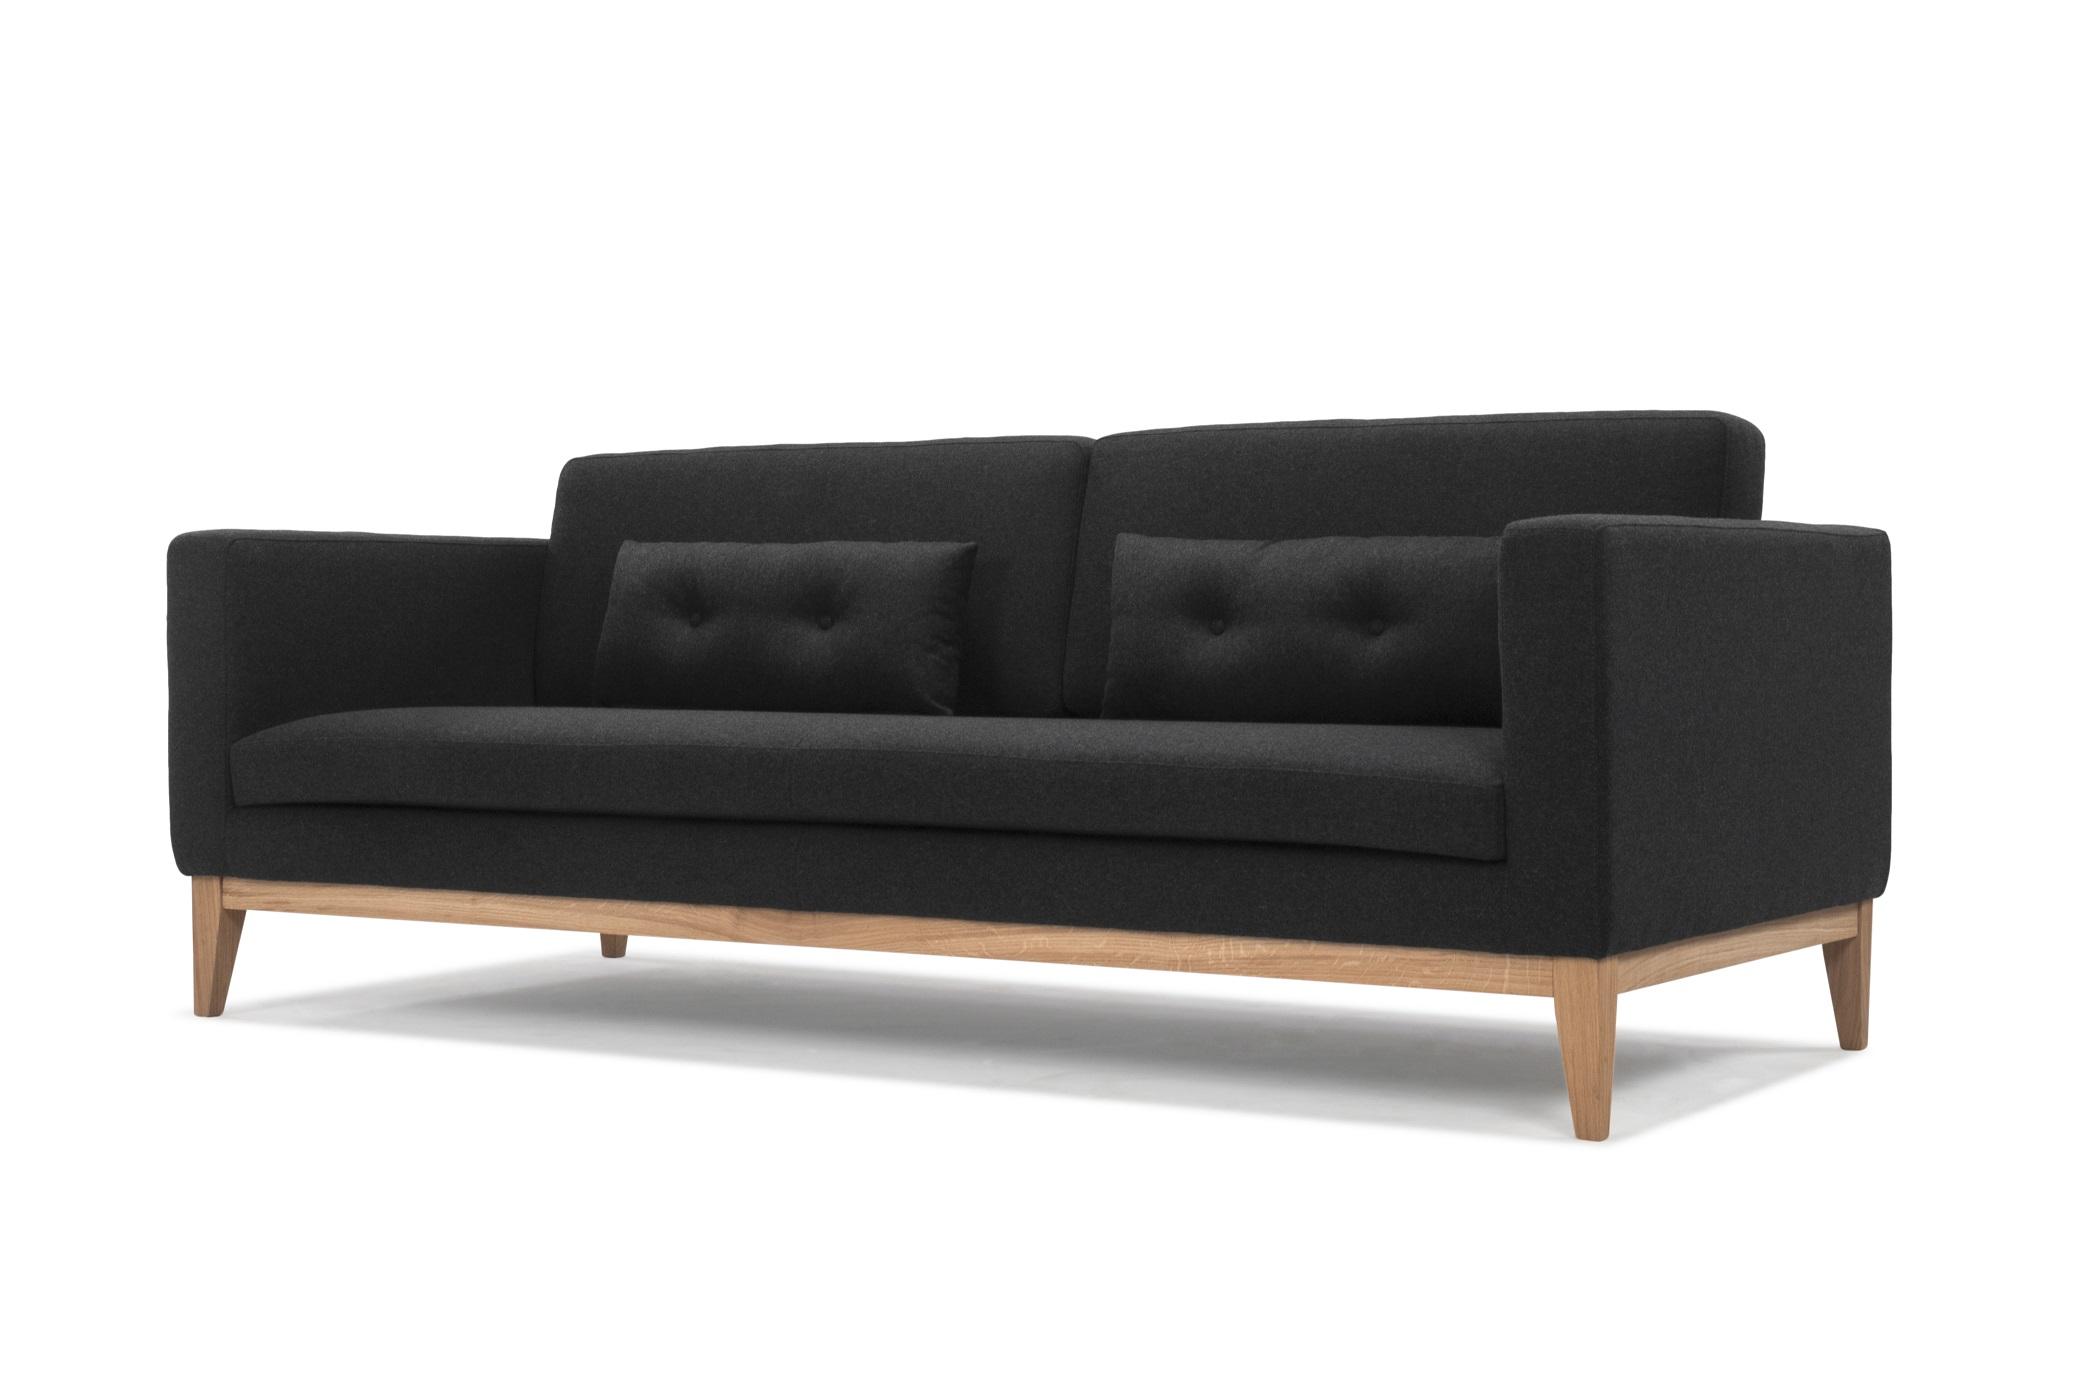 Day soffa